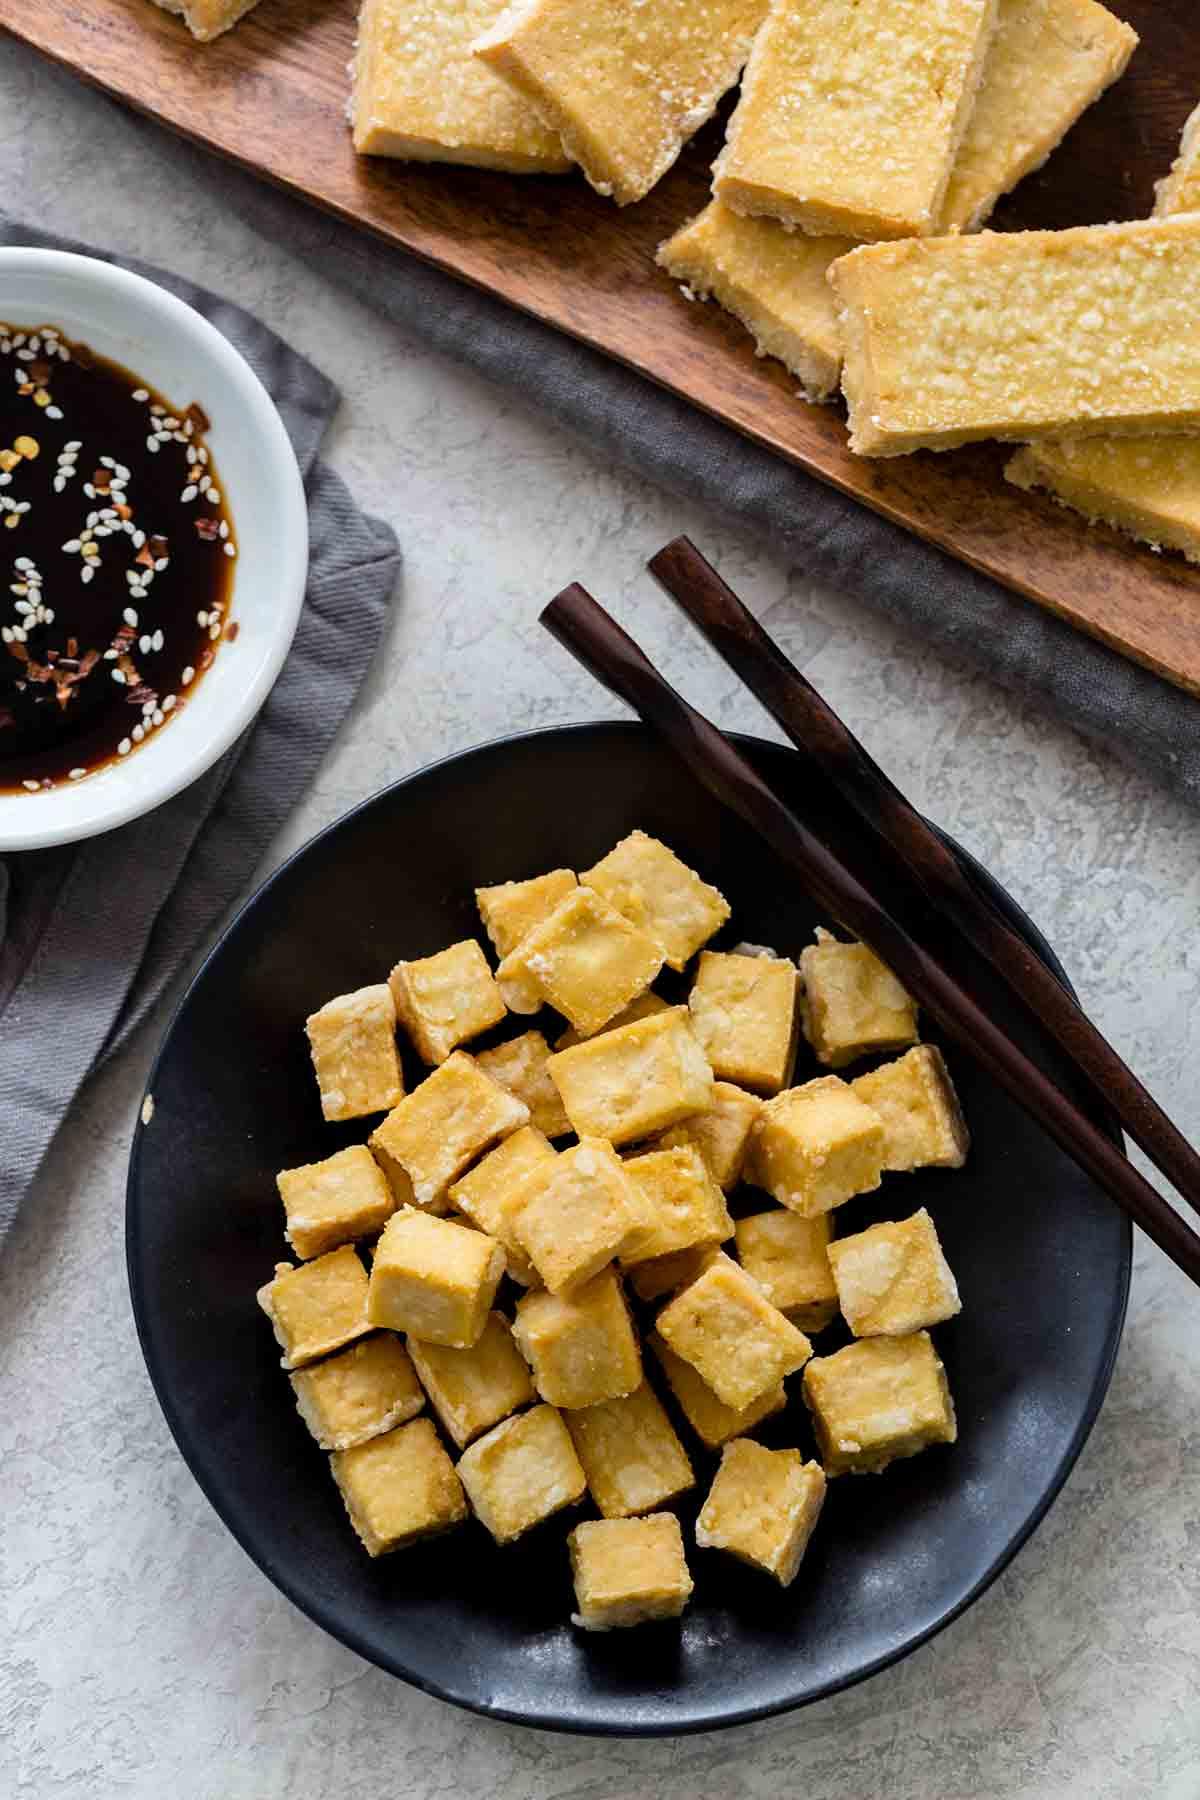 Bowl of crispy baked tofu cubes